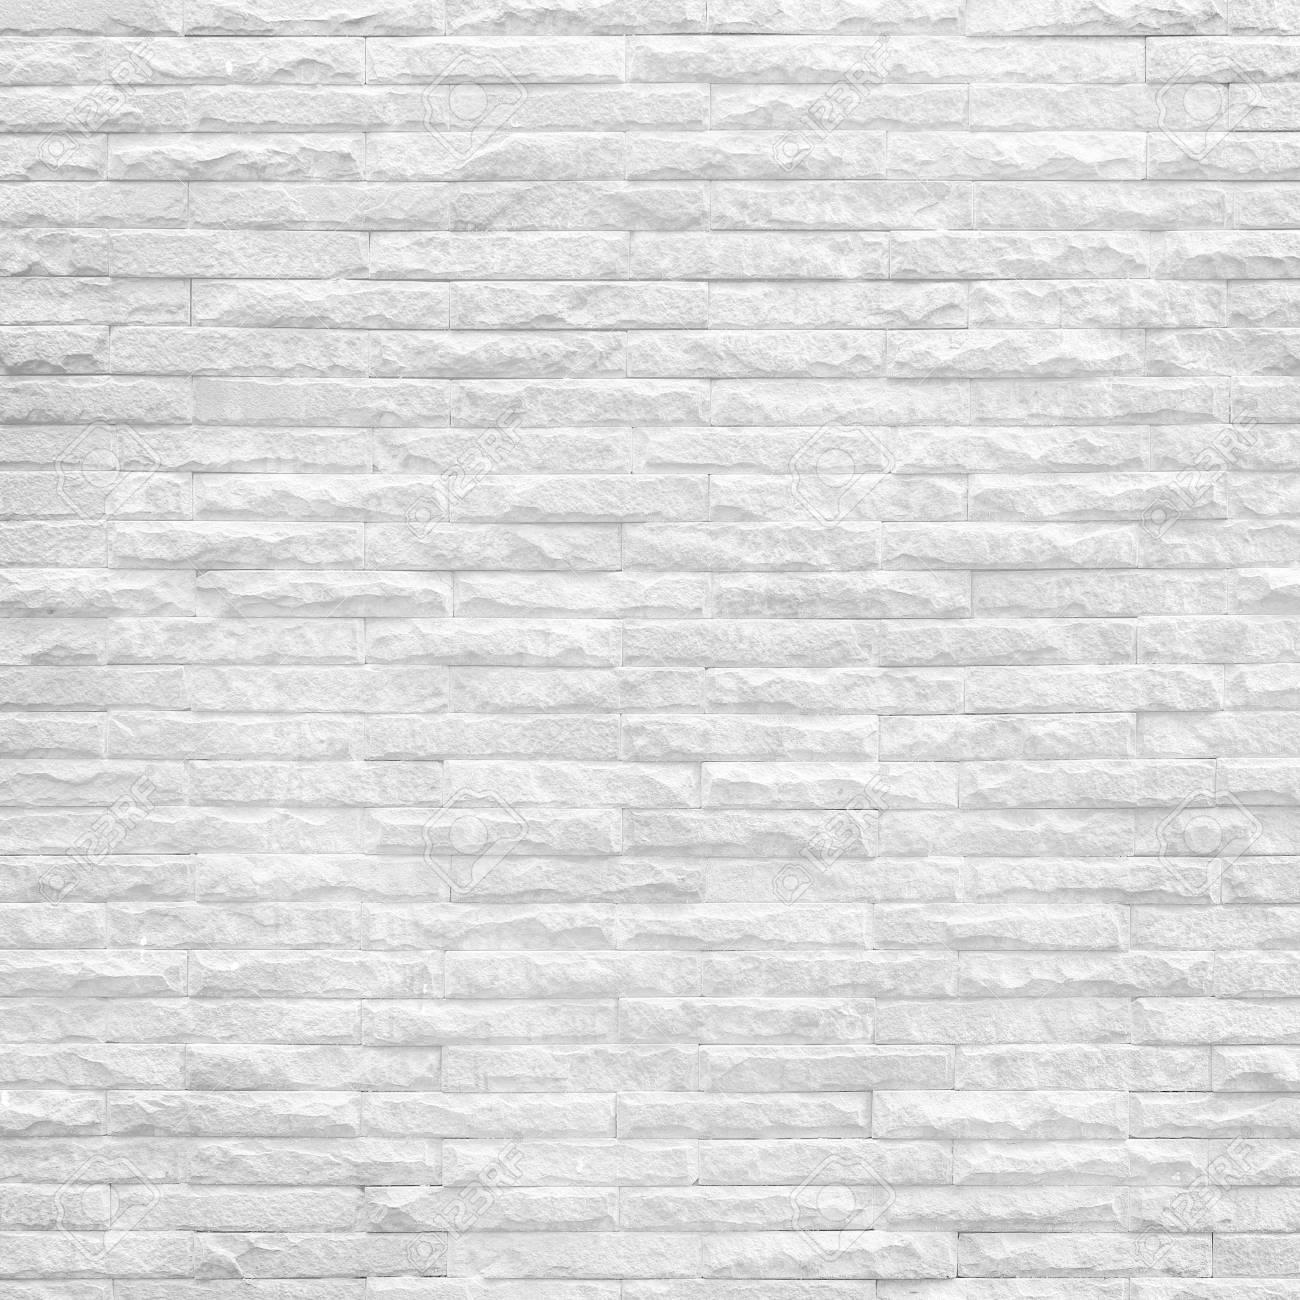 Weiße Steinwand berziehen sie weiße wand von grauen grautönen der steinwand für